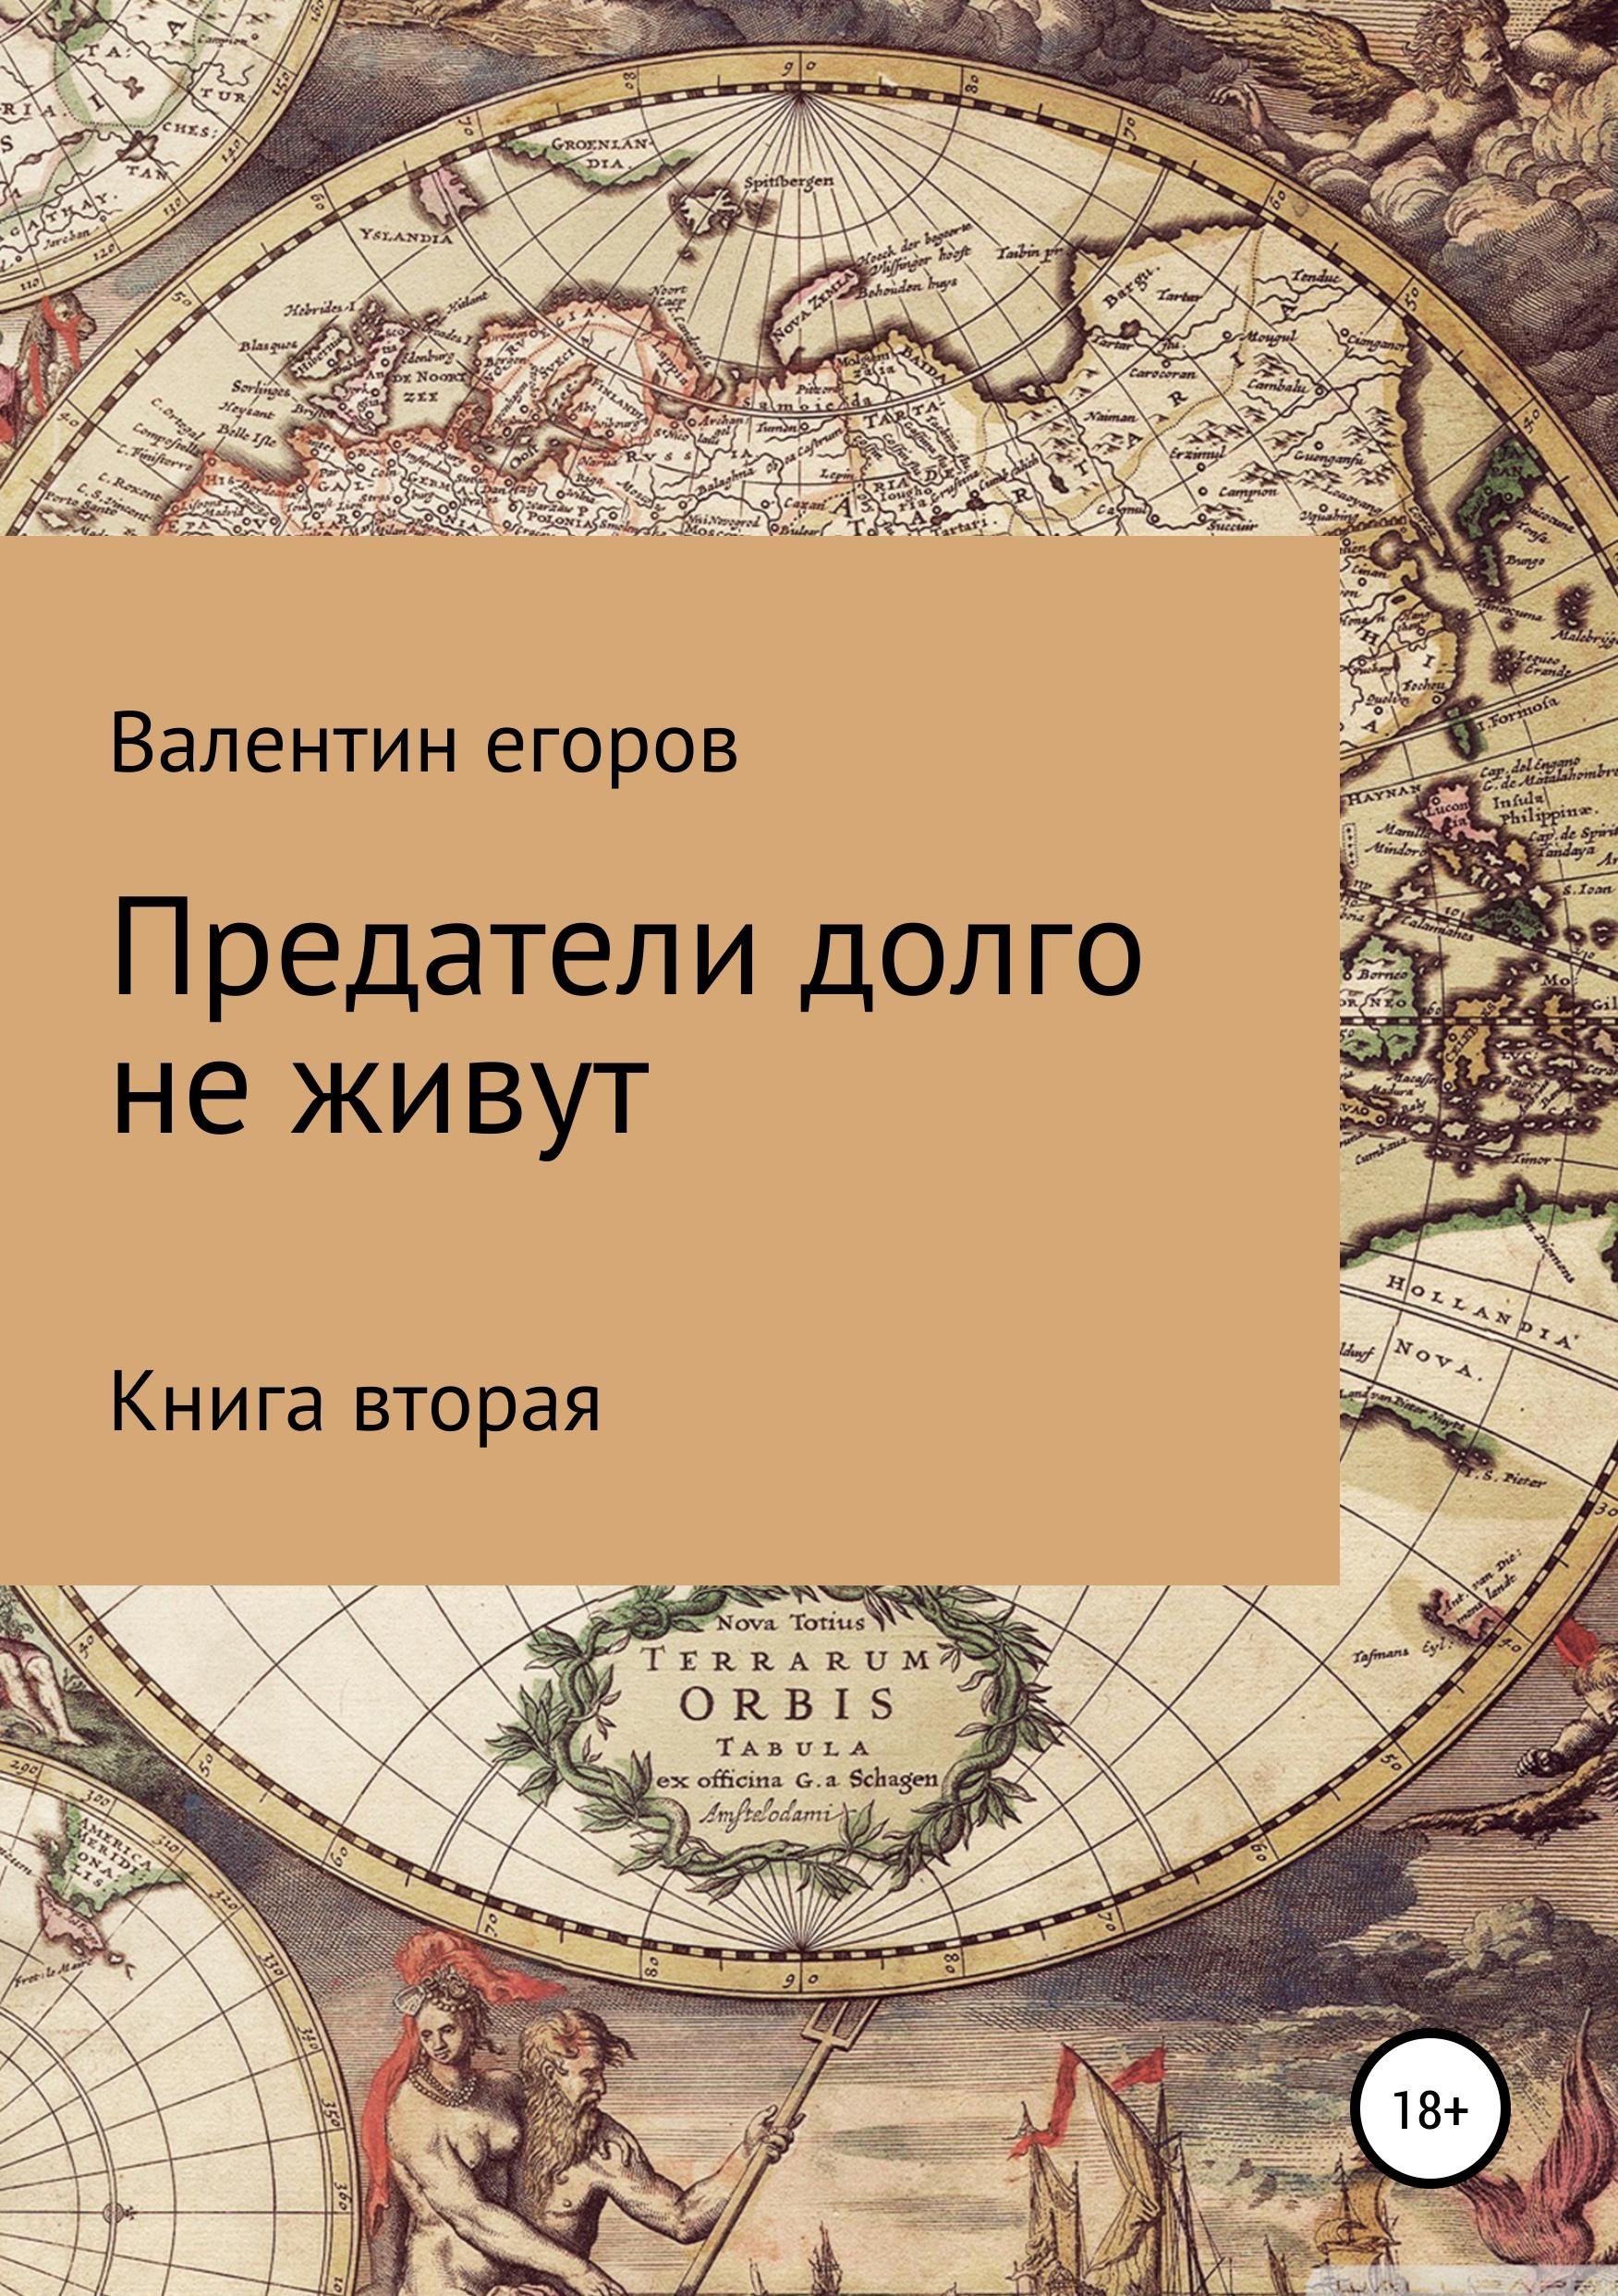 Егоров Александрович «Предатели долго не живут. Книга вторая»